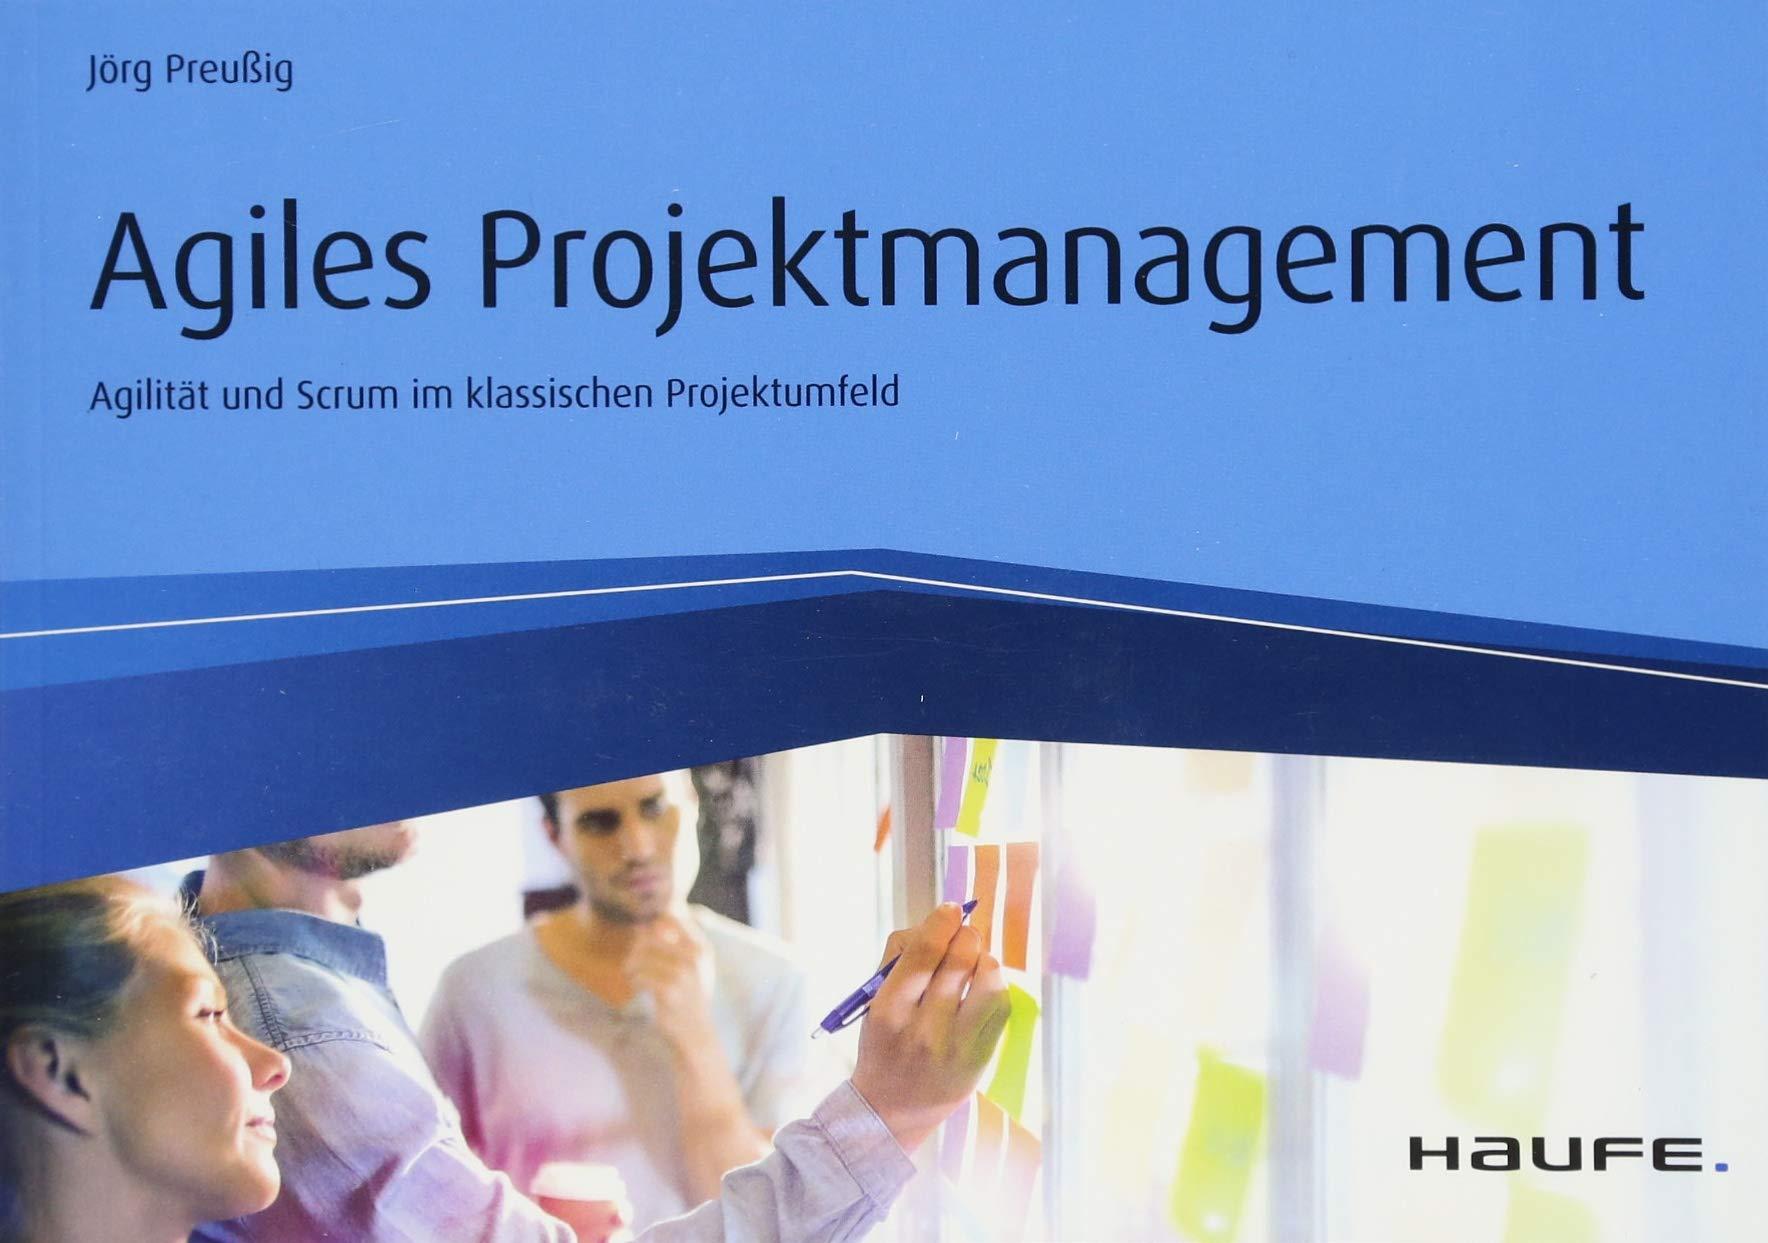 Agiles Projektmanagement: Agilität und Scrum im klassischen Projektumfeld (Haufe Fachbuch) Taschenbuch – 9. Februar 2018 Jörg Preußig Haufe Lexware 3648105892 Wirtschaft / Management